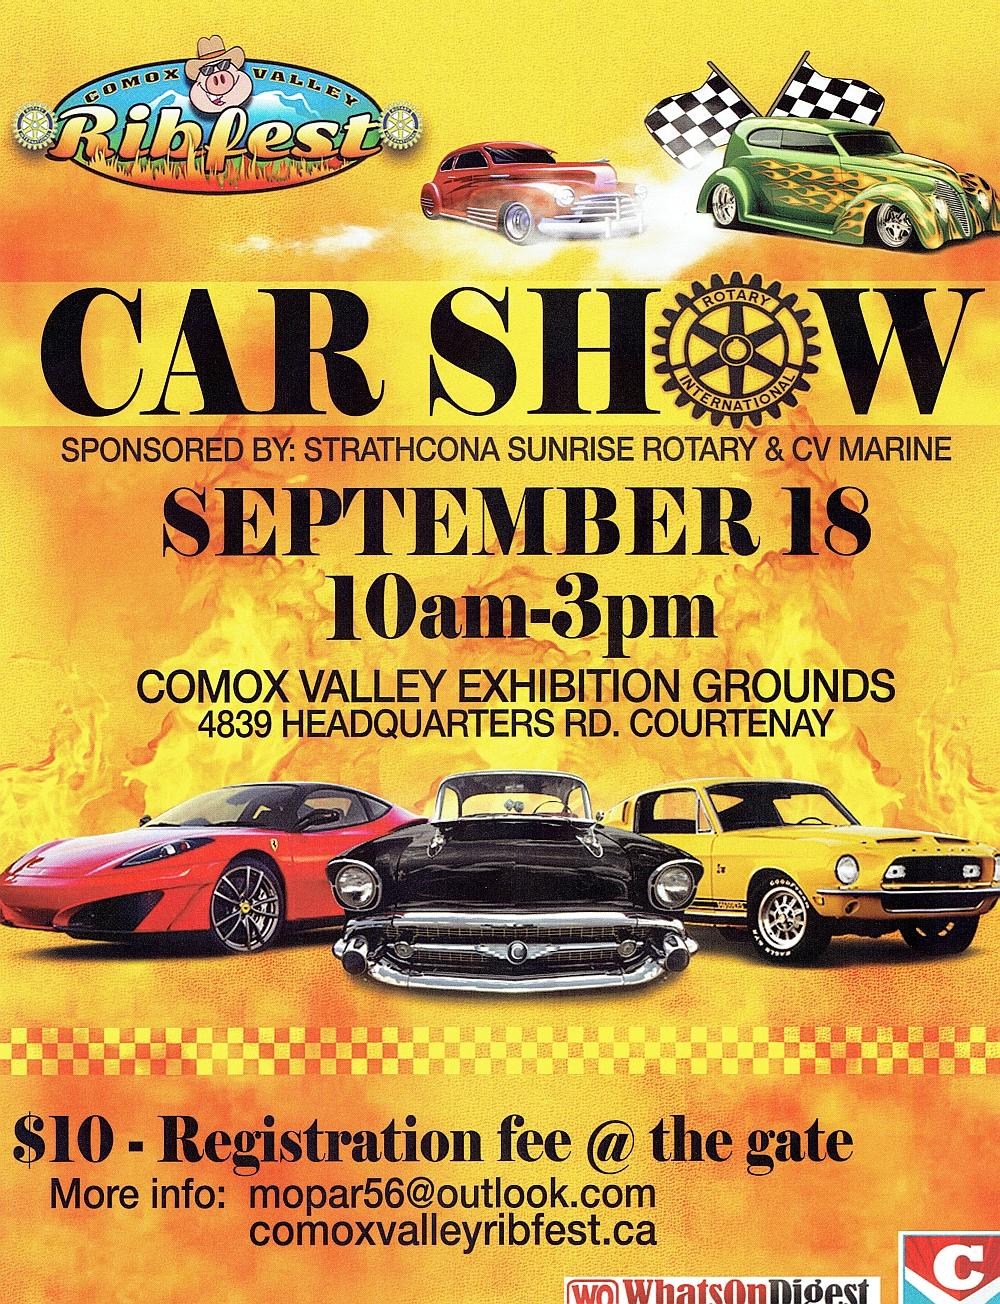 2016 Sept 18 Car Show Ribfest  poster.jpg